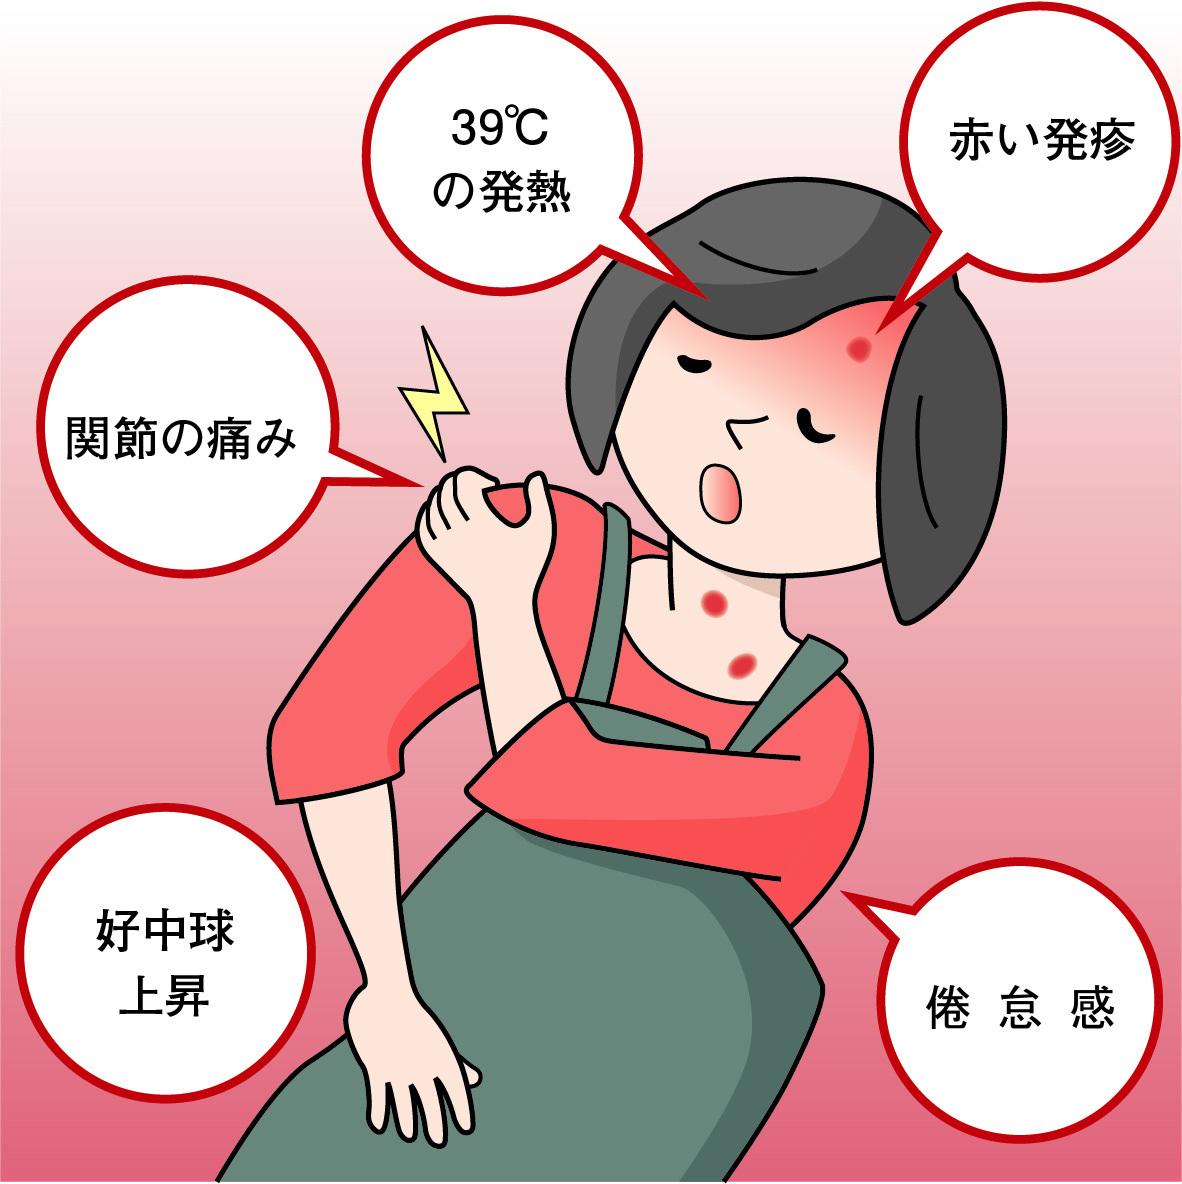 コロナ 蕁 麻疹 症状